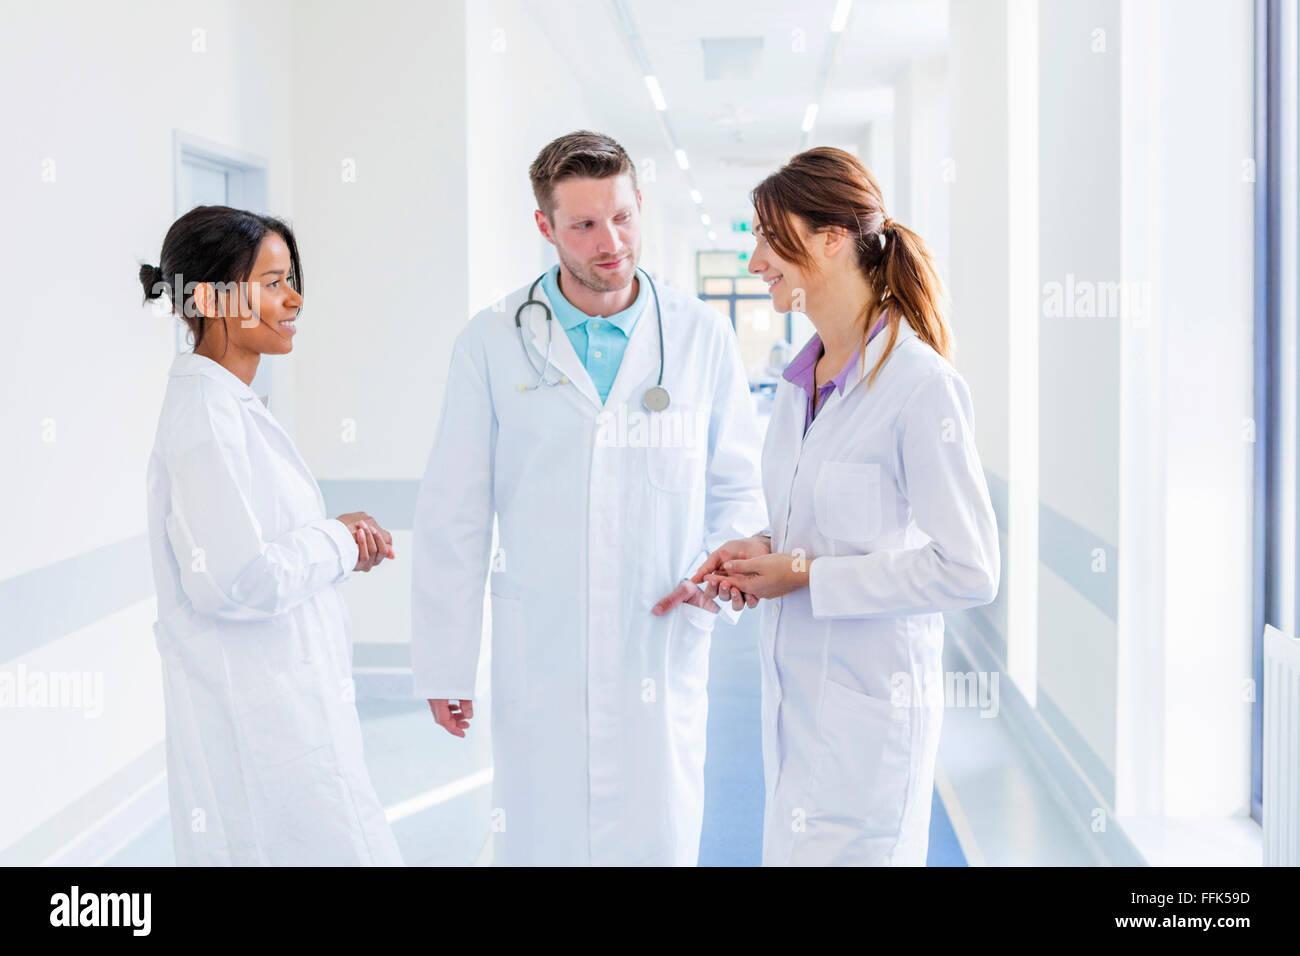 Arzt und Mitarbeiter sprechen im Krankenhausflur Stockbild